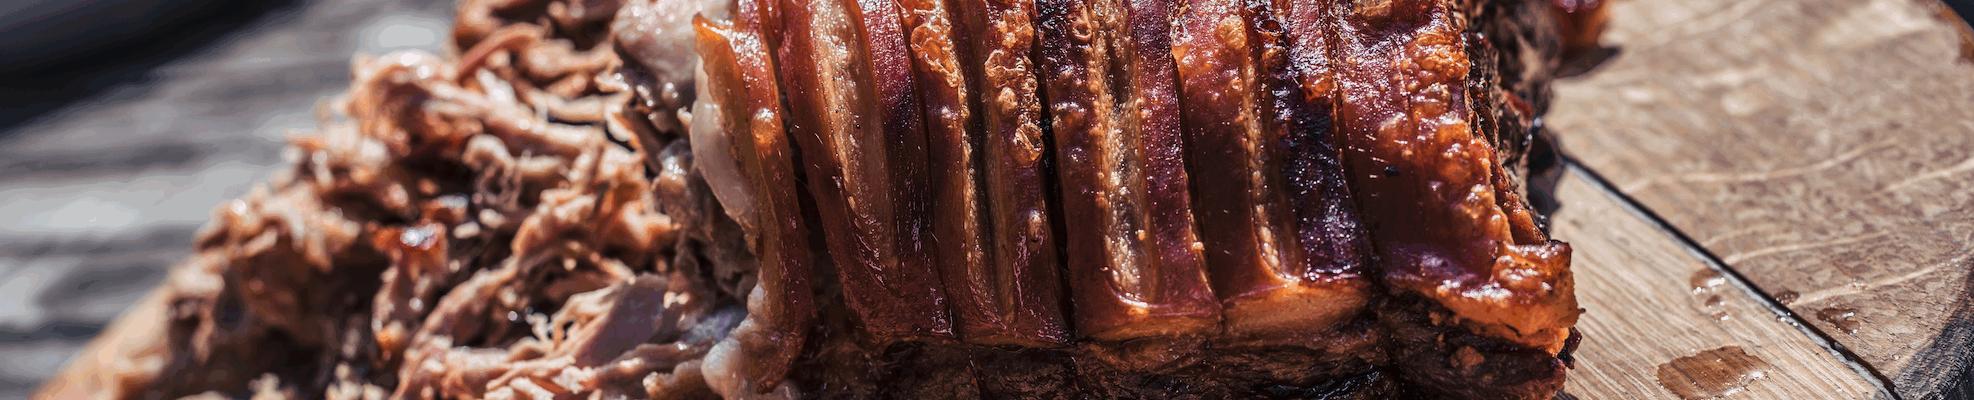 Opa & Enkel - Pulled Pork & Co.  [17.02.2019]